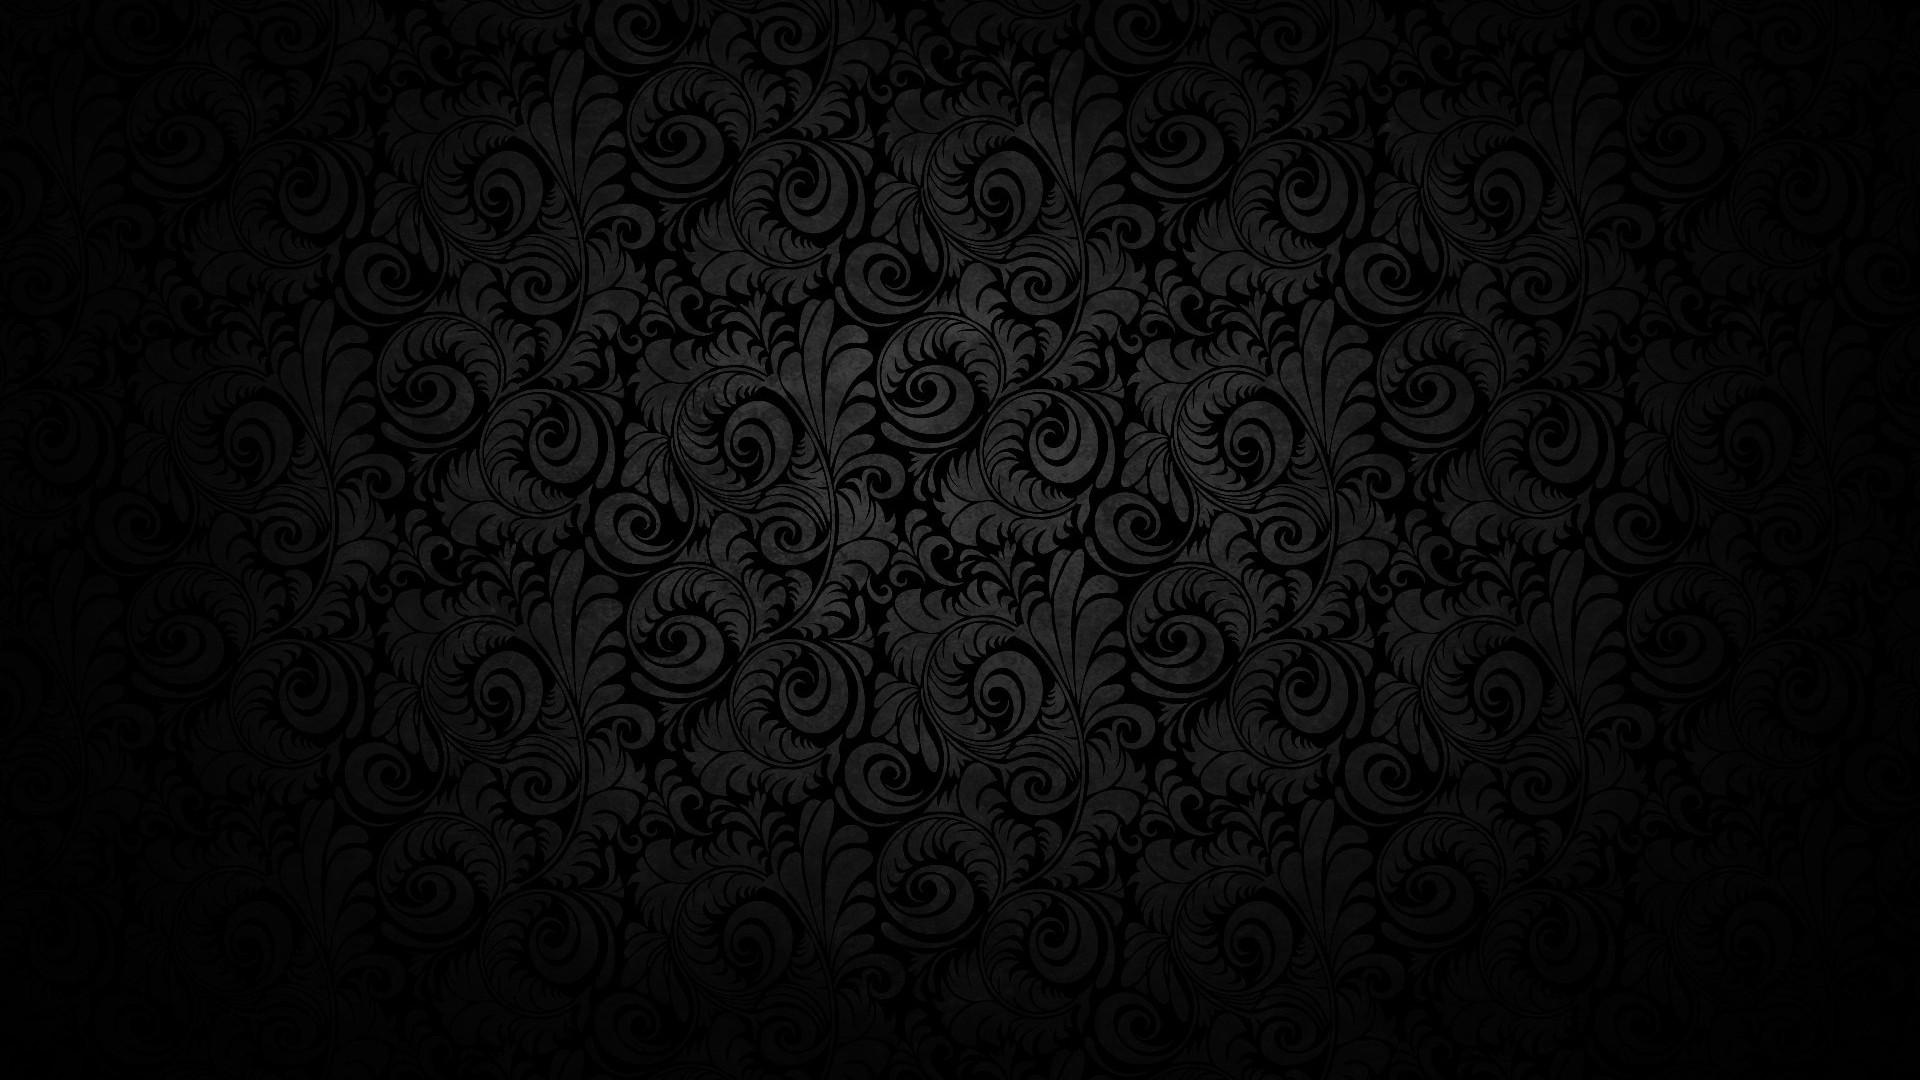 Hd Desktop Wallpapers 1080p 66 Images